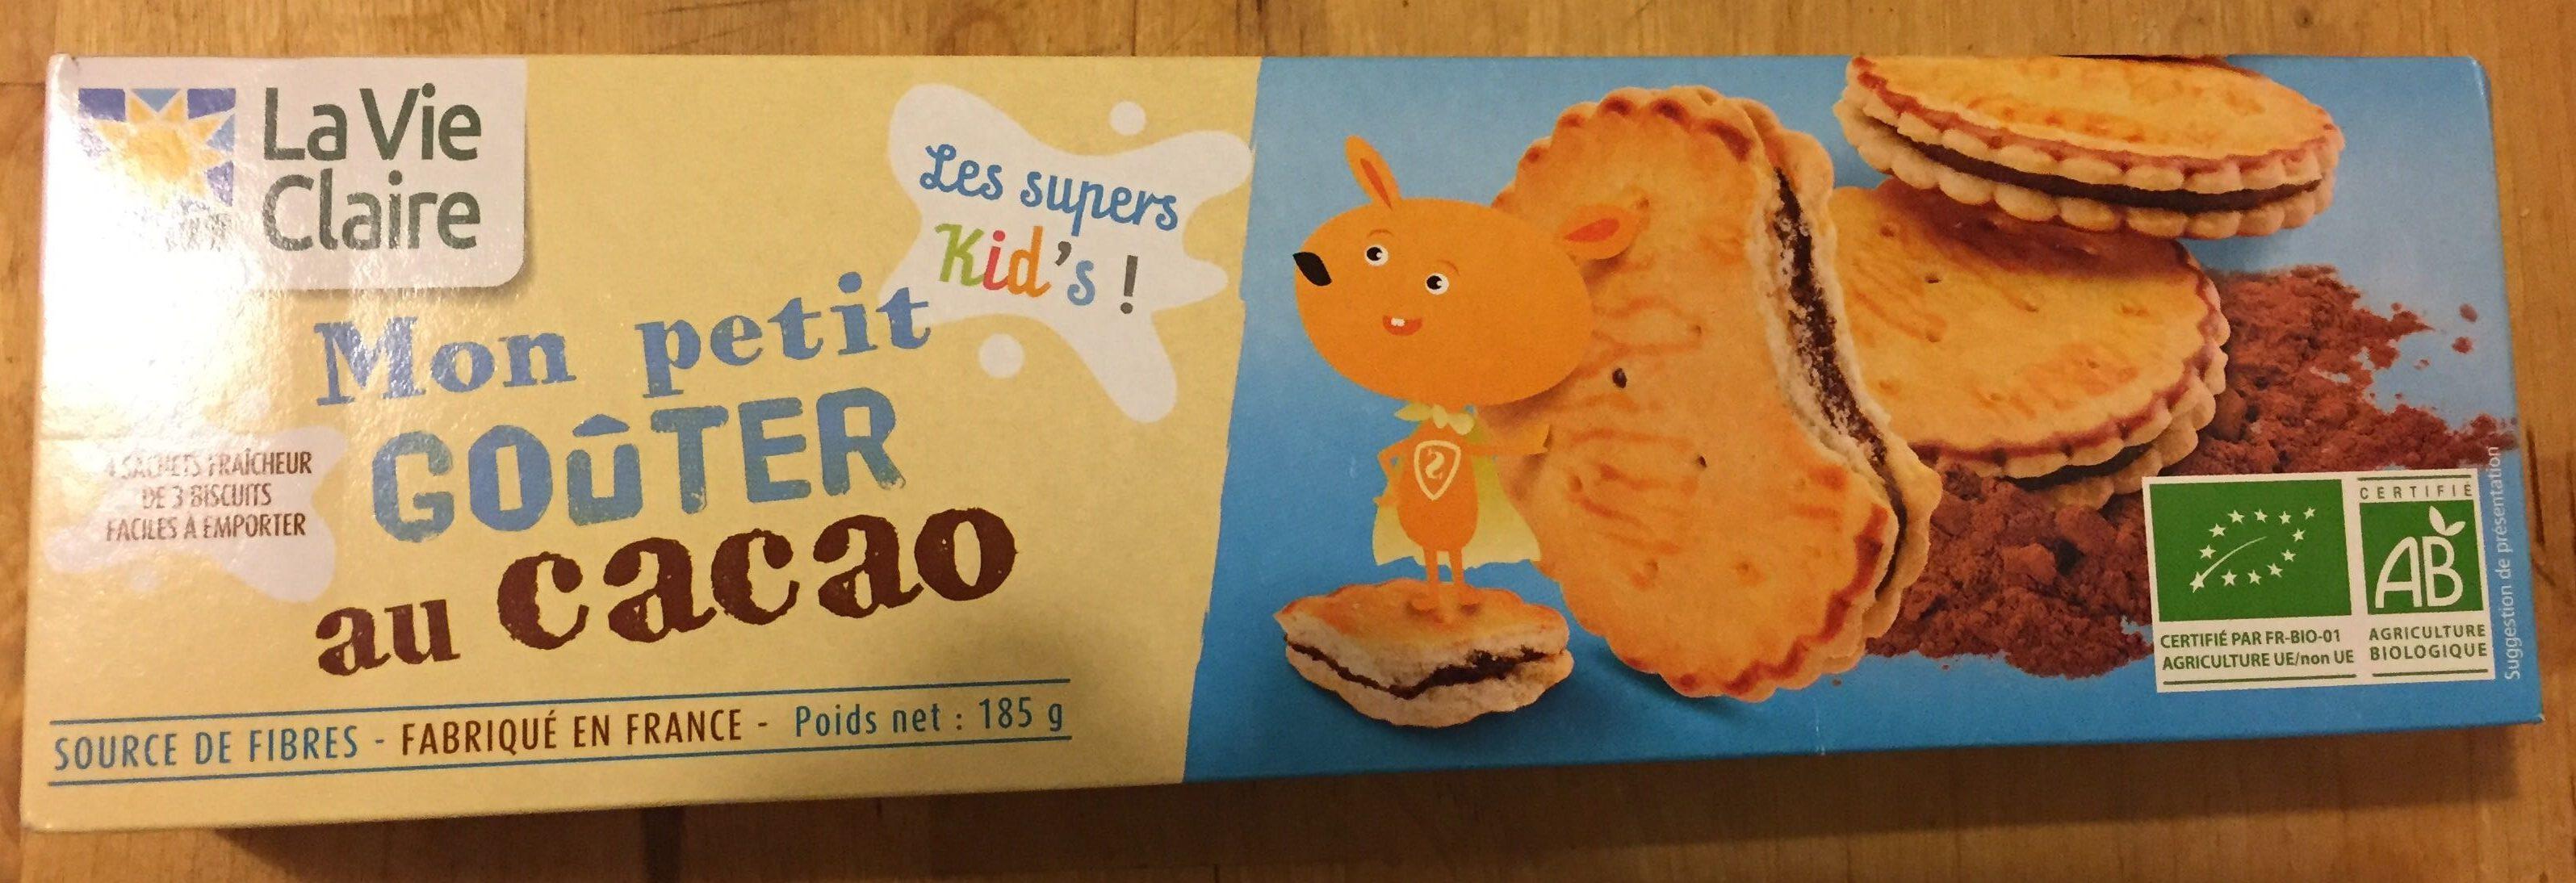 Mon Petit Goûter au Cacao - Product - fr